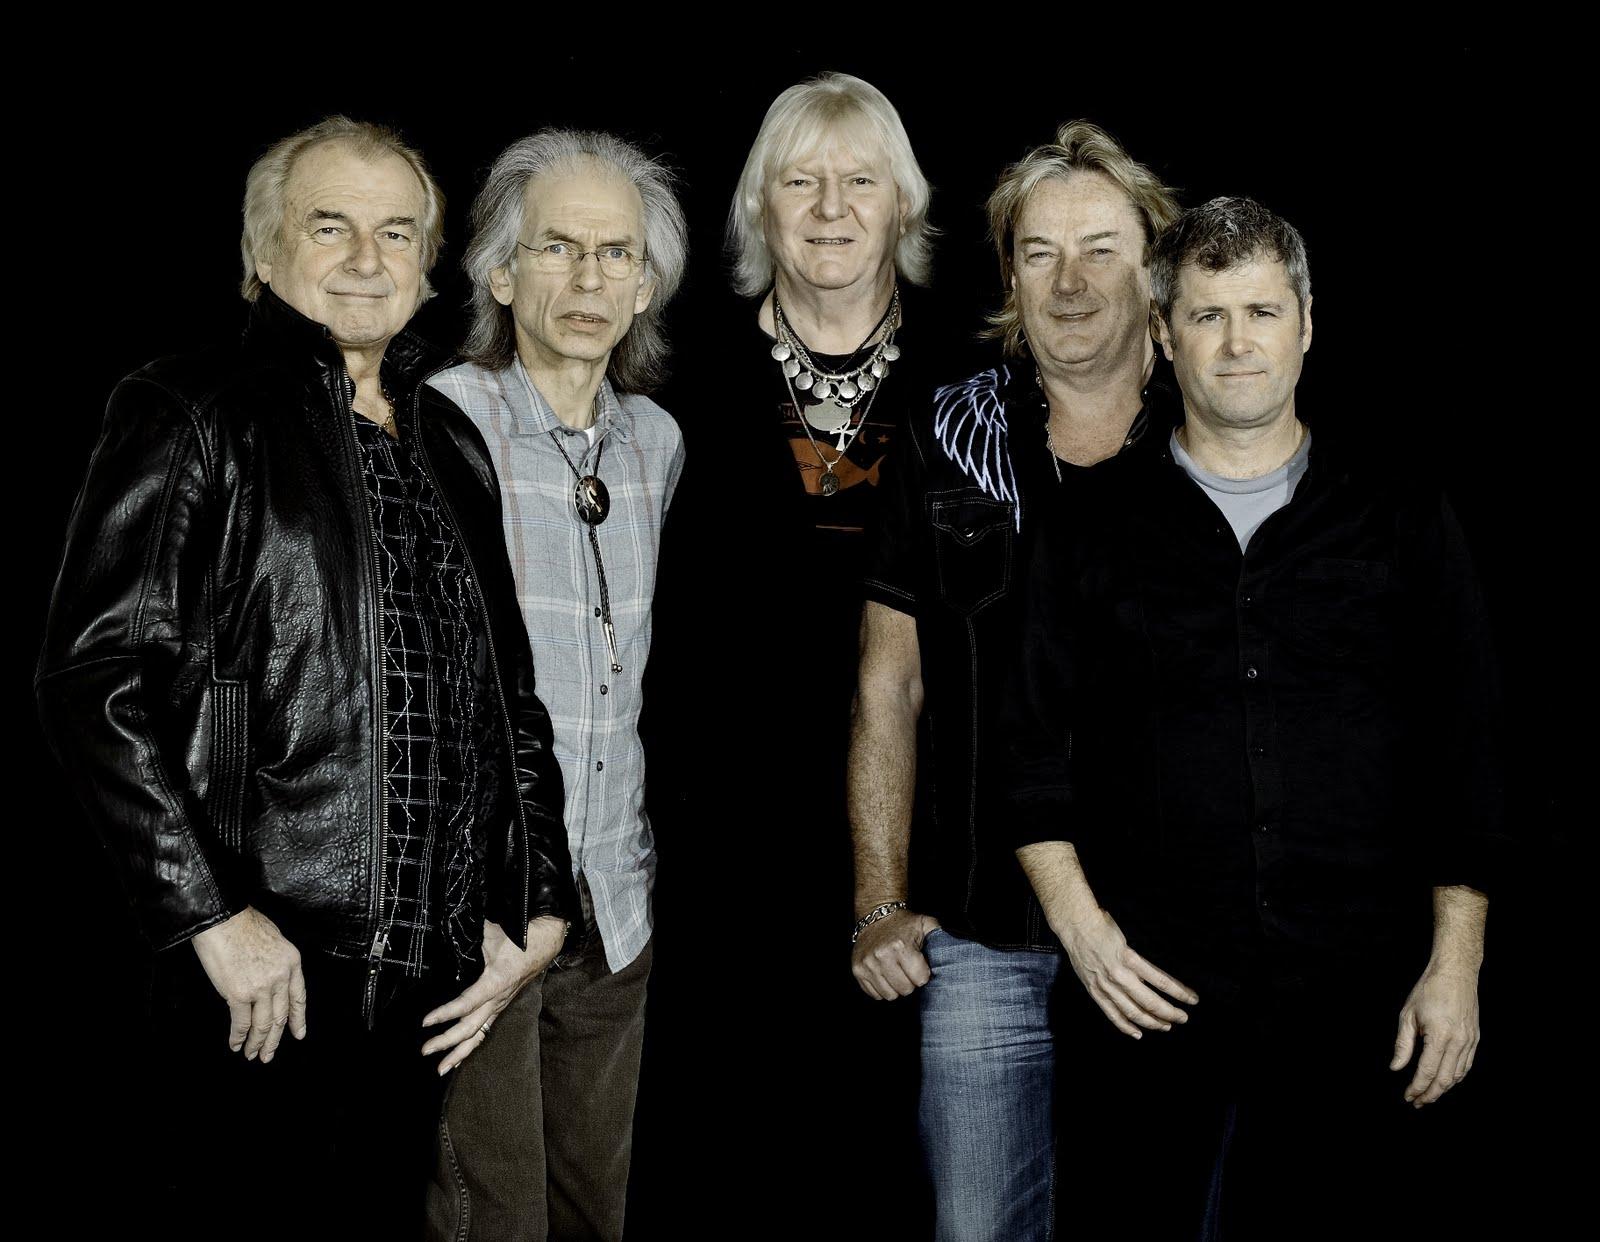 Whitesnake Lead Singer Chambers Of Rock 2011 04 10